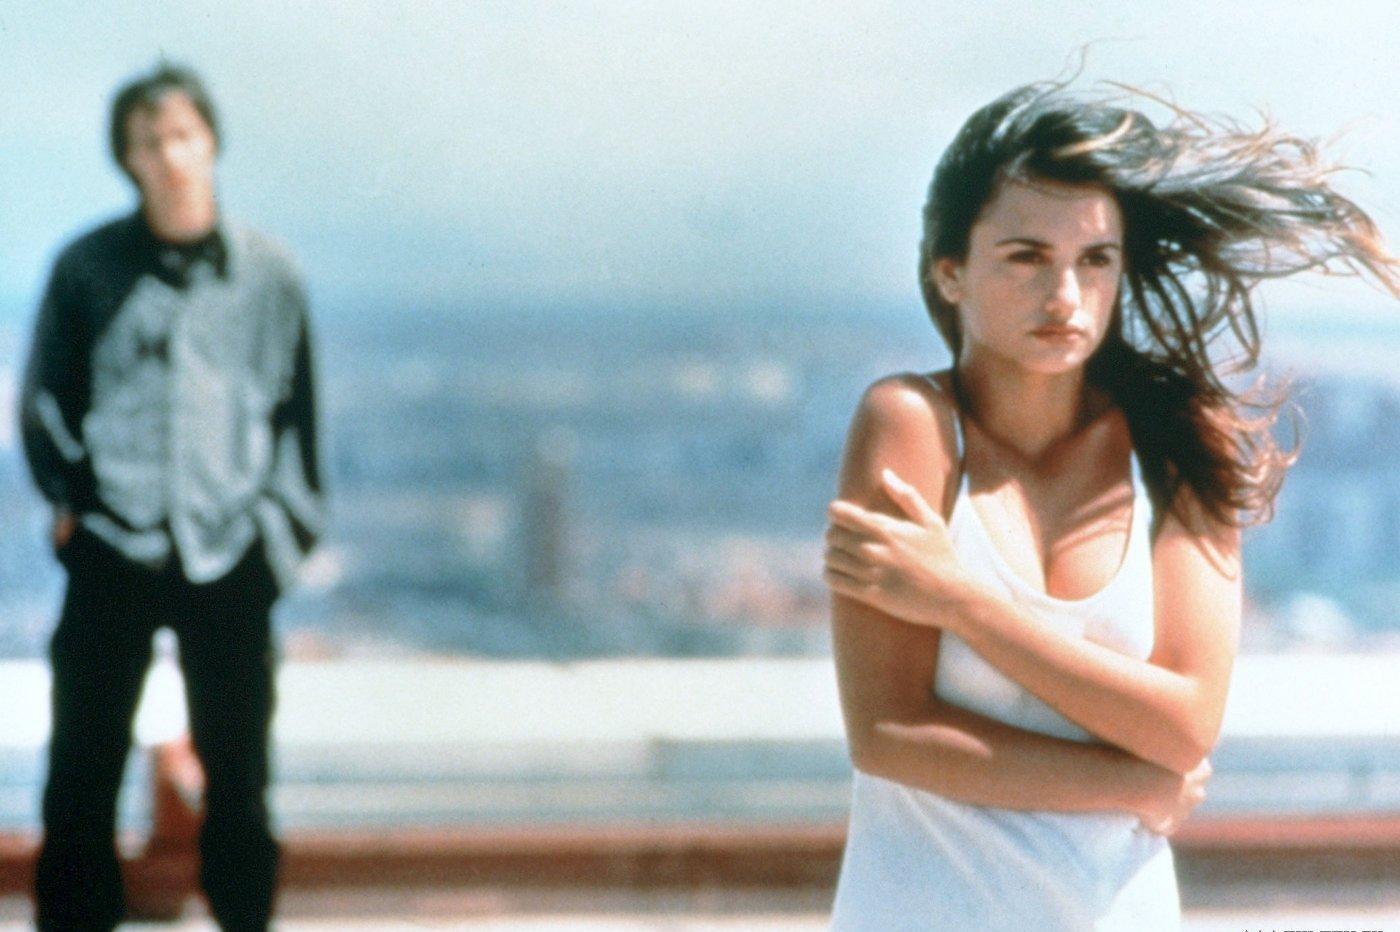 مشاهدة فيلم Open Your Eyes 1997 HD مترجم كامل اون لاين (للكبار فقط)